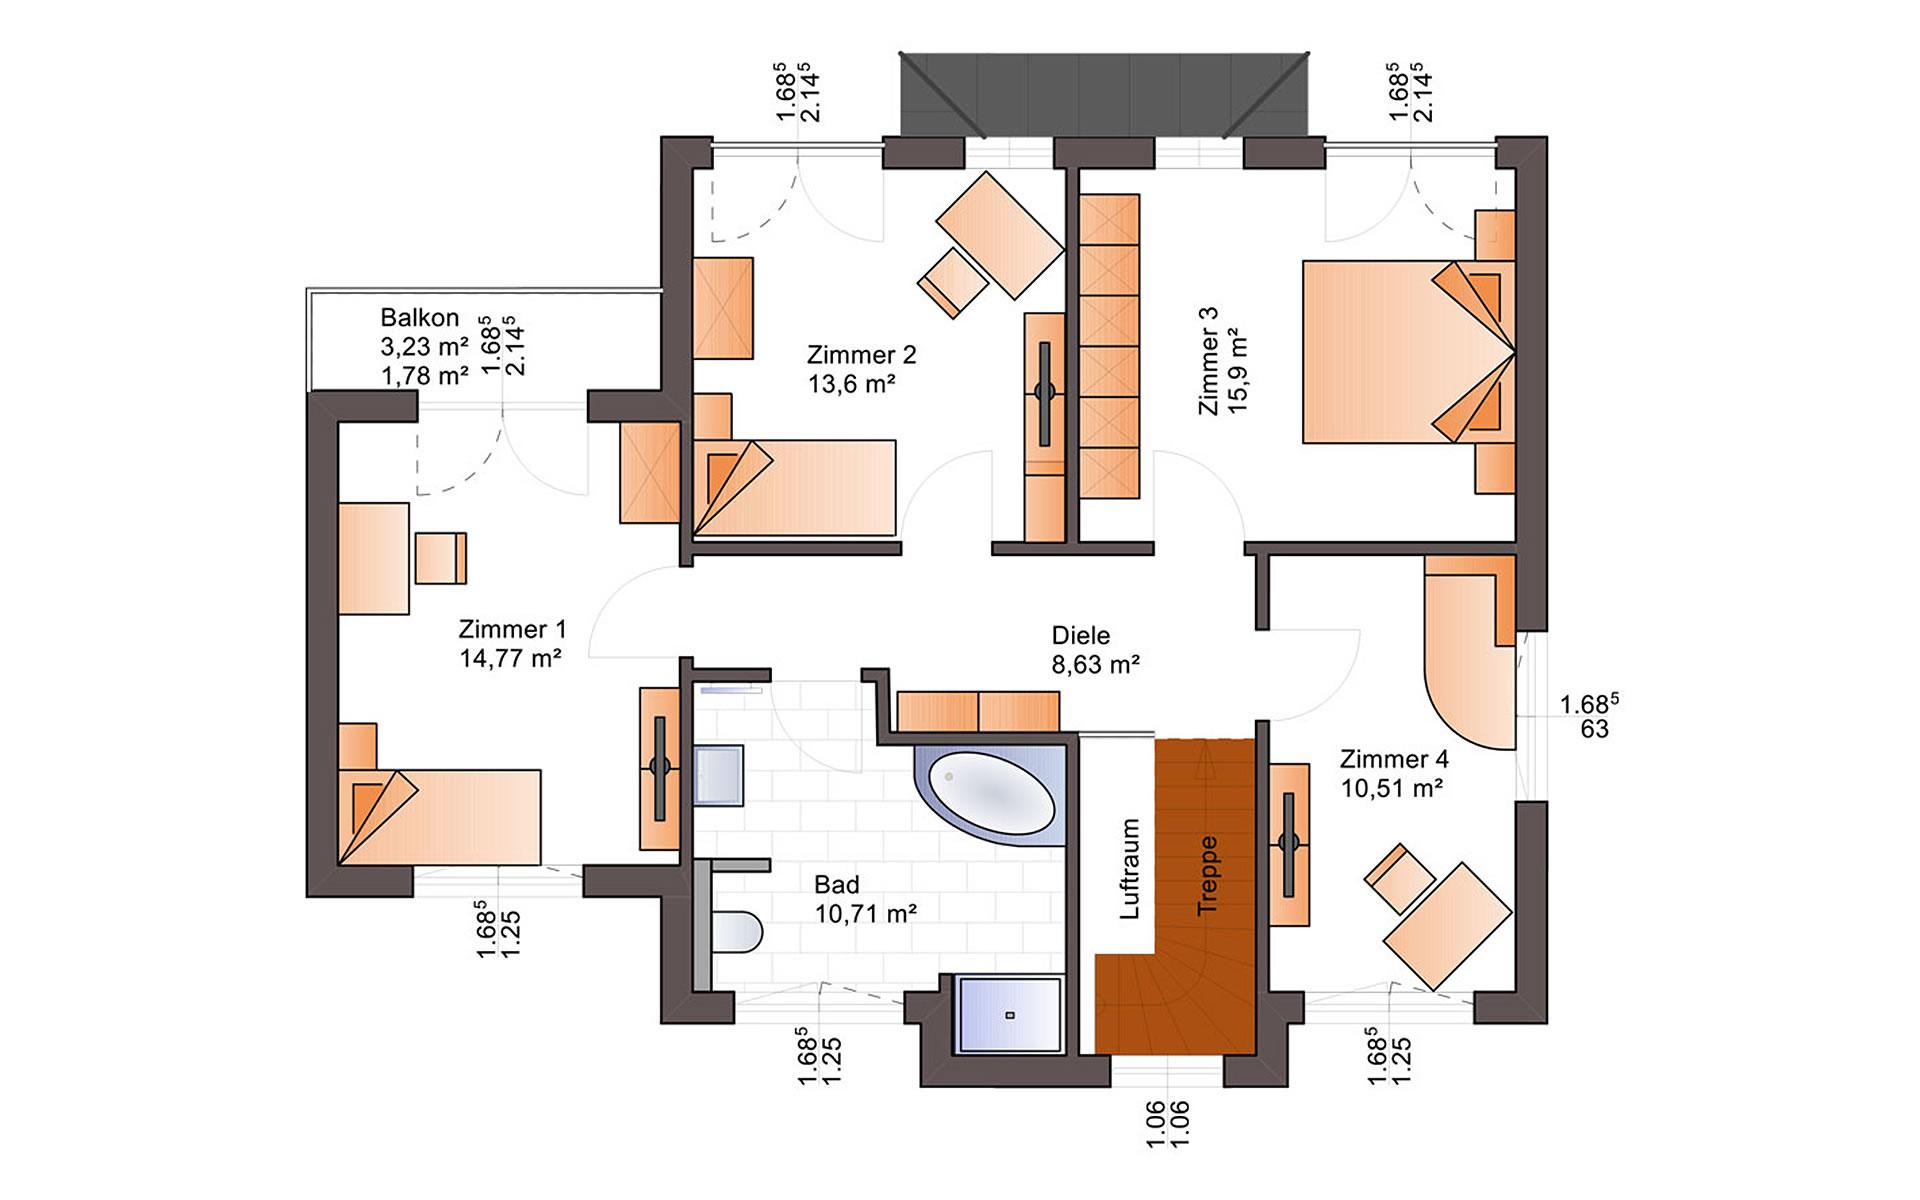 Obergeschoss Eos 161 von Bärenhaus - das fertige Haus GmbH